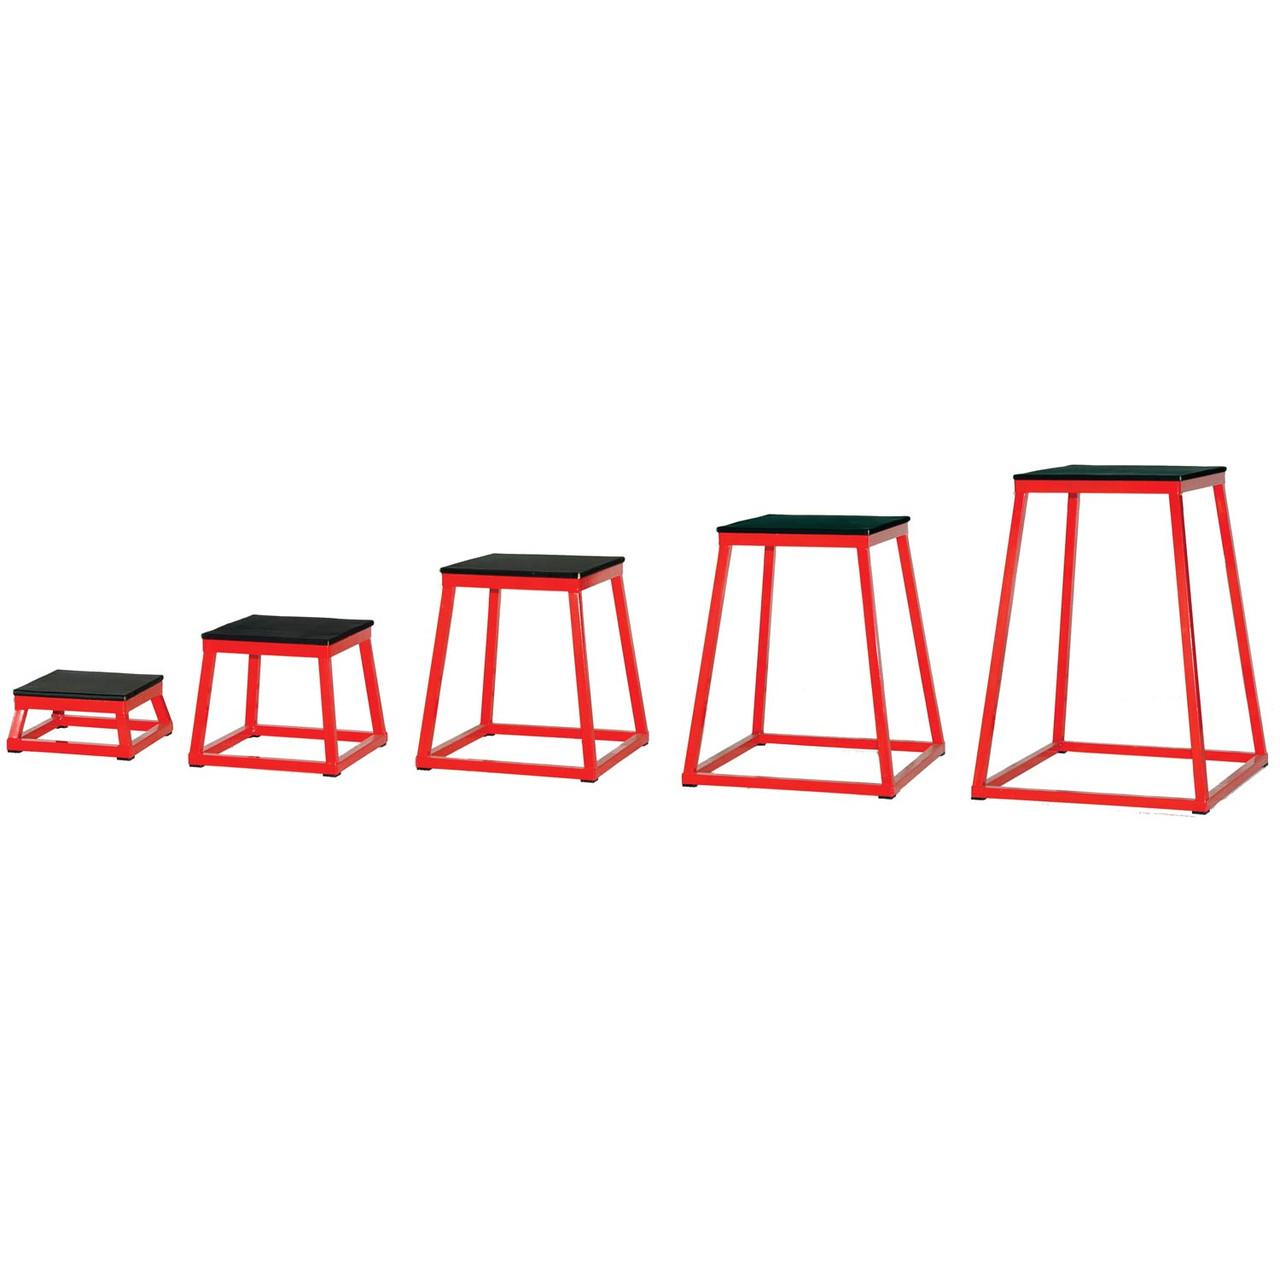 Champion Sports Plyometric Box Set of Five